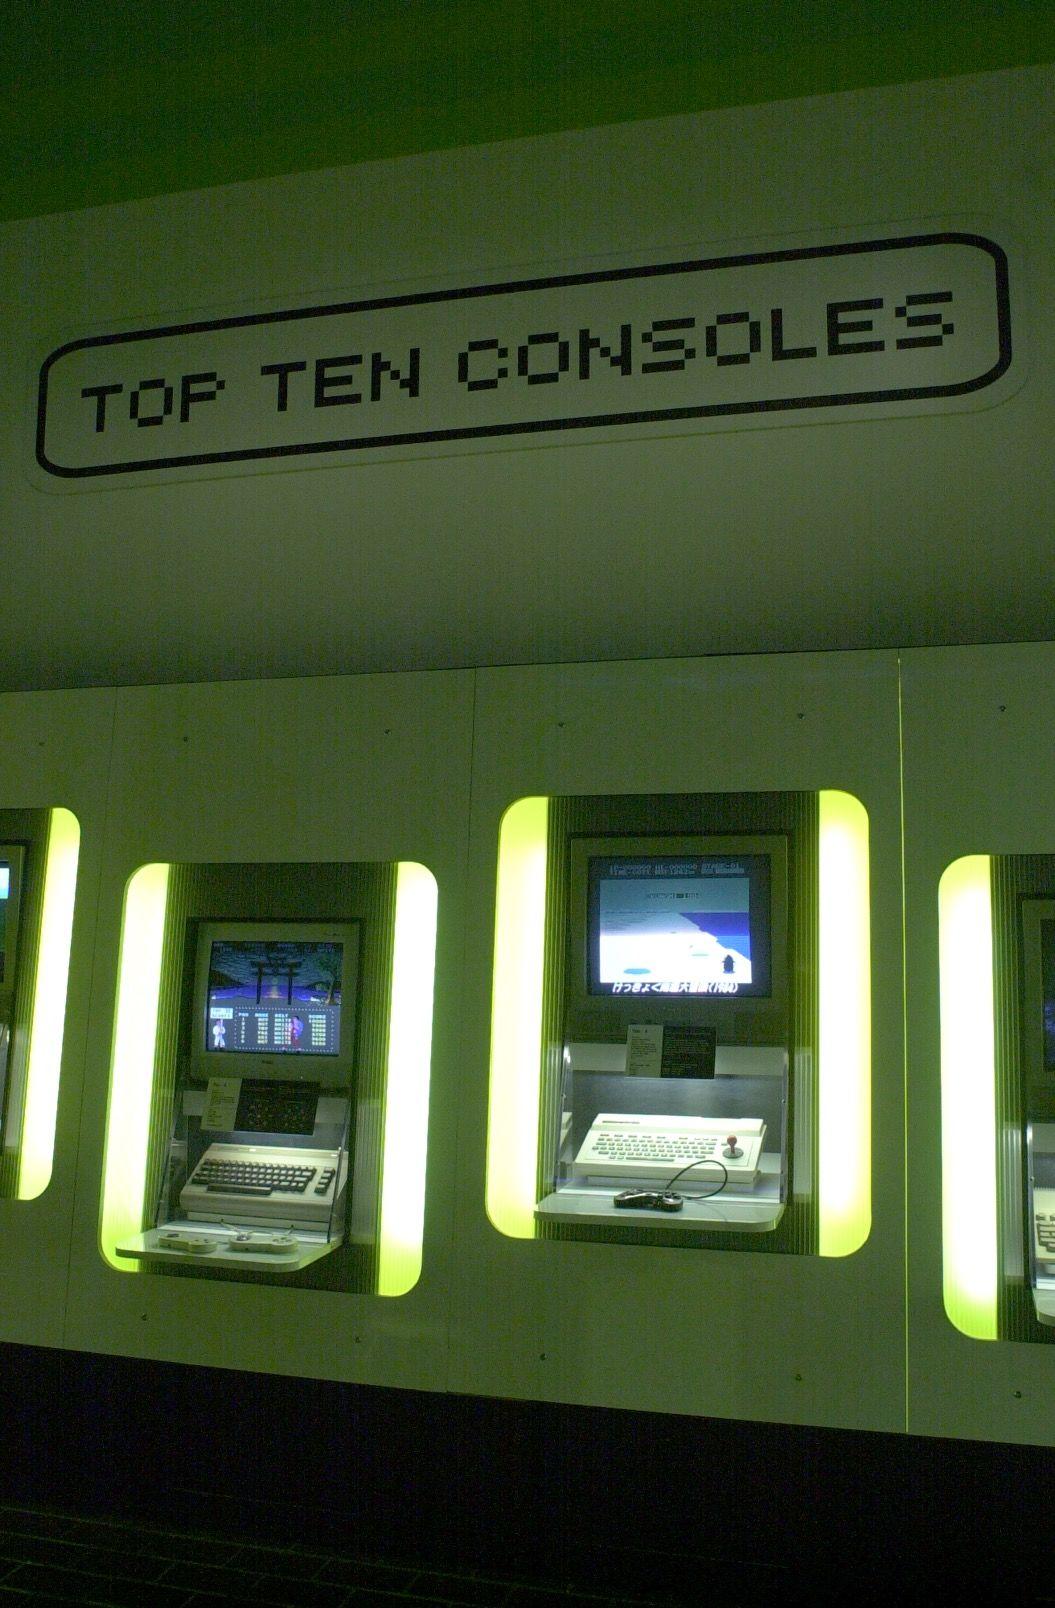 PlayStation®VRや、もうプレイできない伝説のゲームで遊べる企画展「GAME ON」が楽しそう!